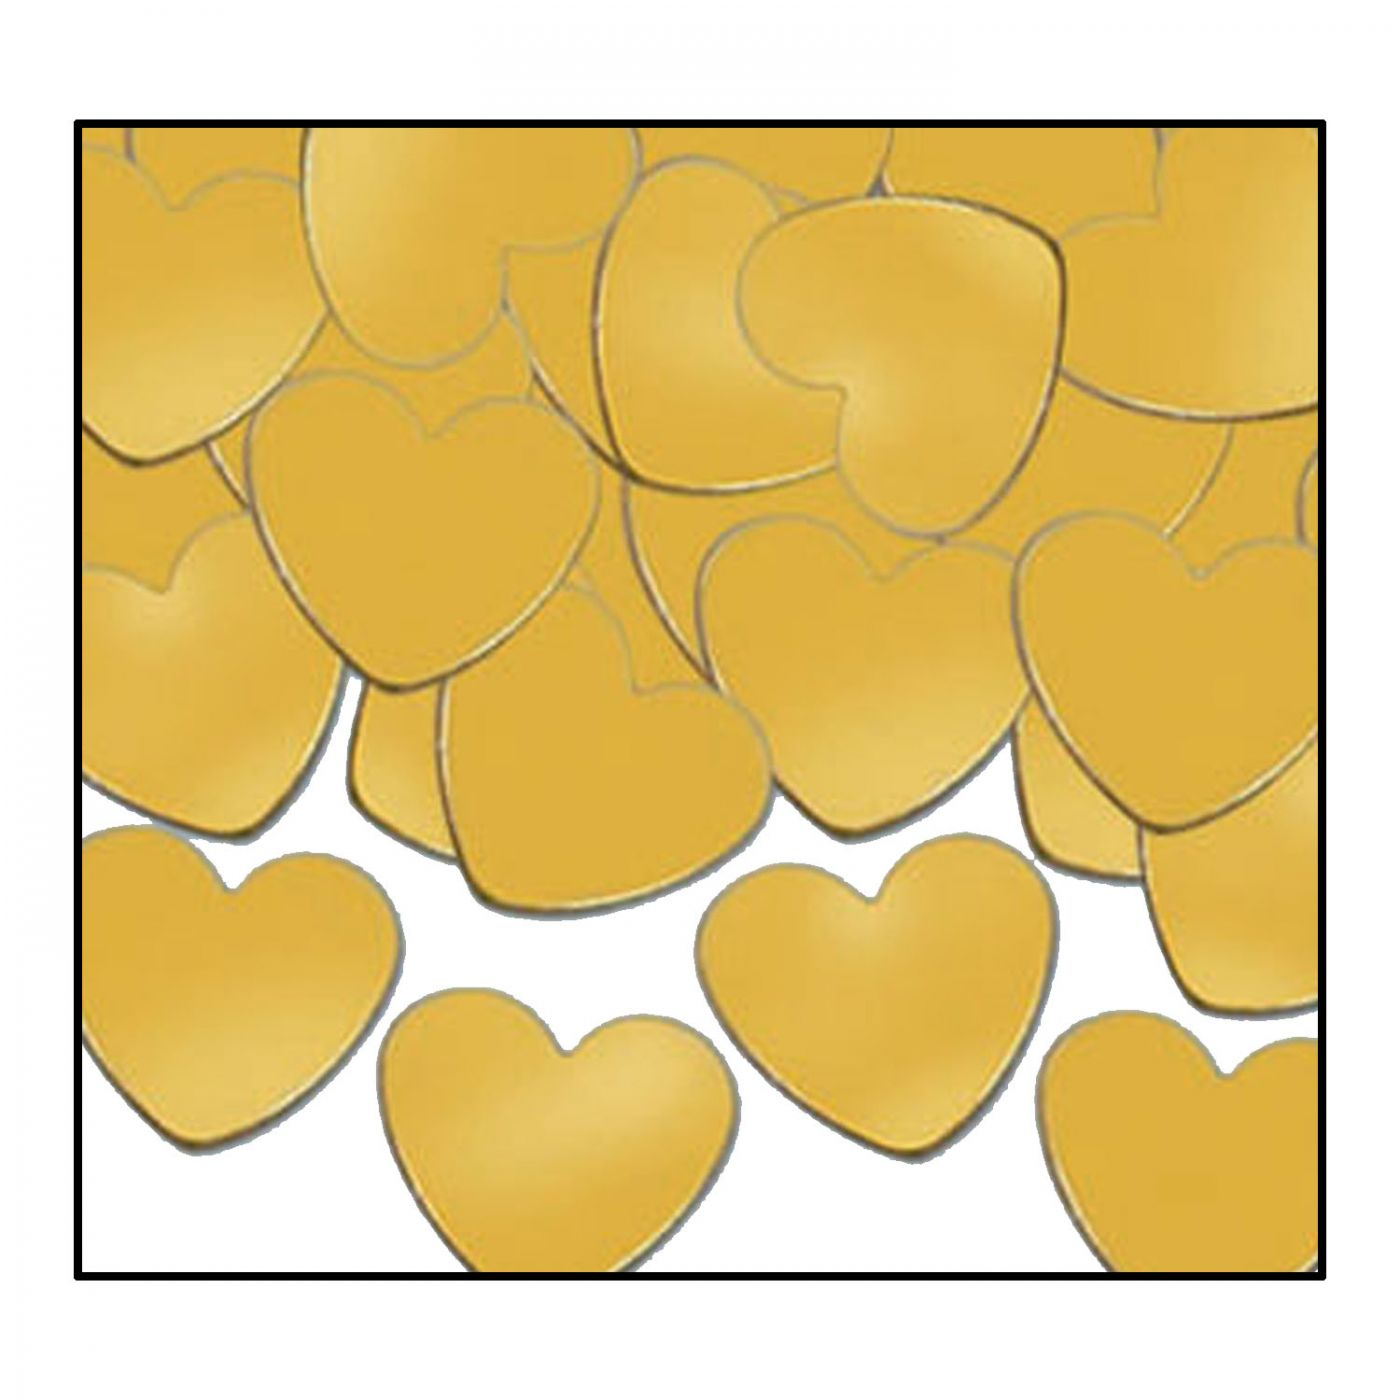 Fanci-Fetti Hearts image